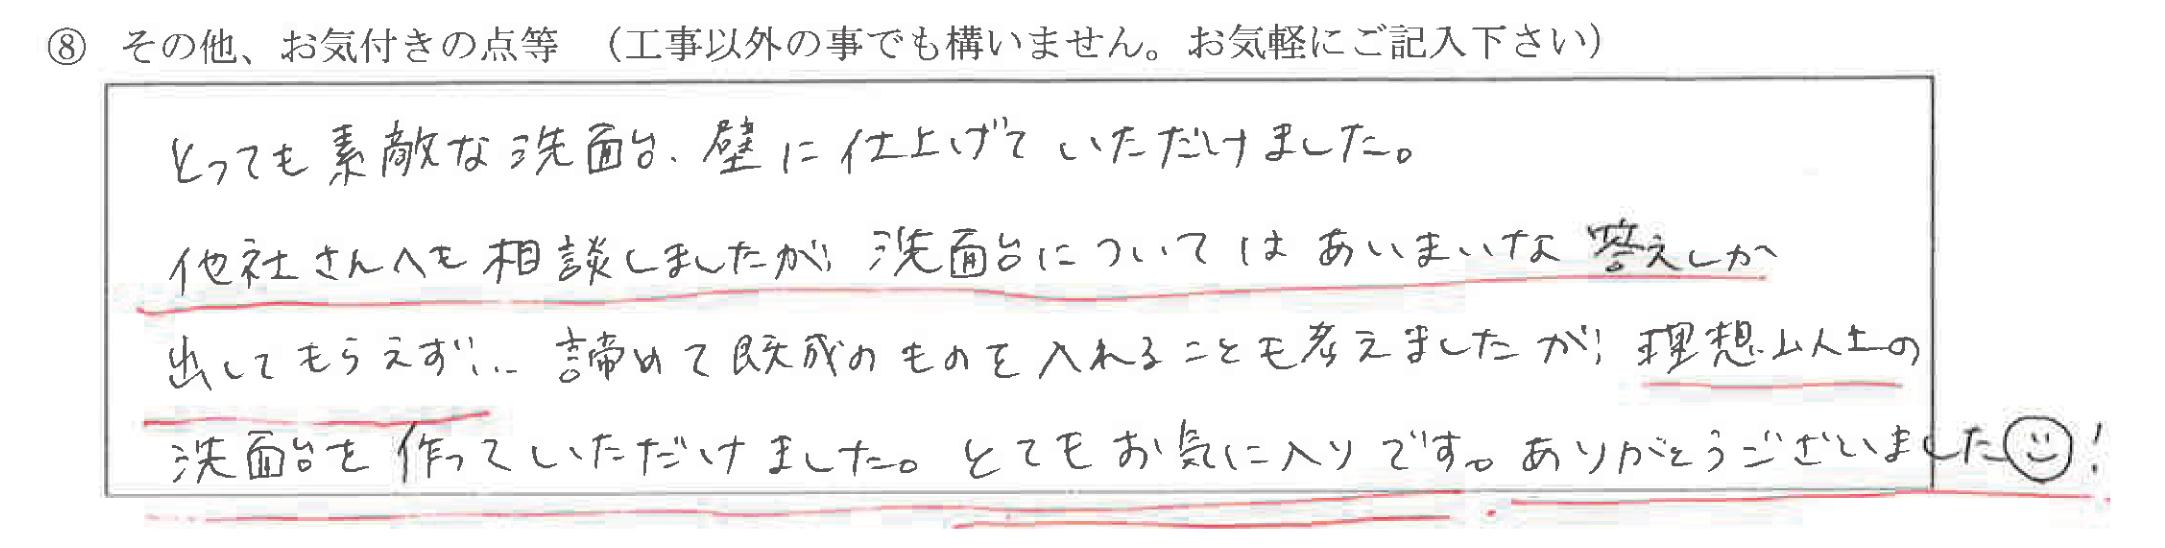 富山県富山市T様に頂いた住宅改装工事についてのお気づきの点がありましたら、お聞かせ下さい。というご質問について「住宅改装工事【お喜びの声】」というお声についての画像